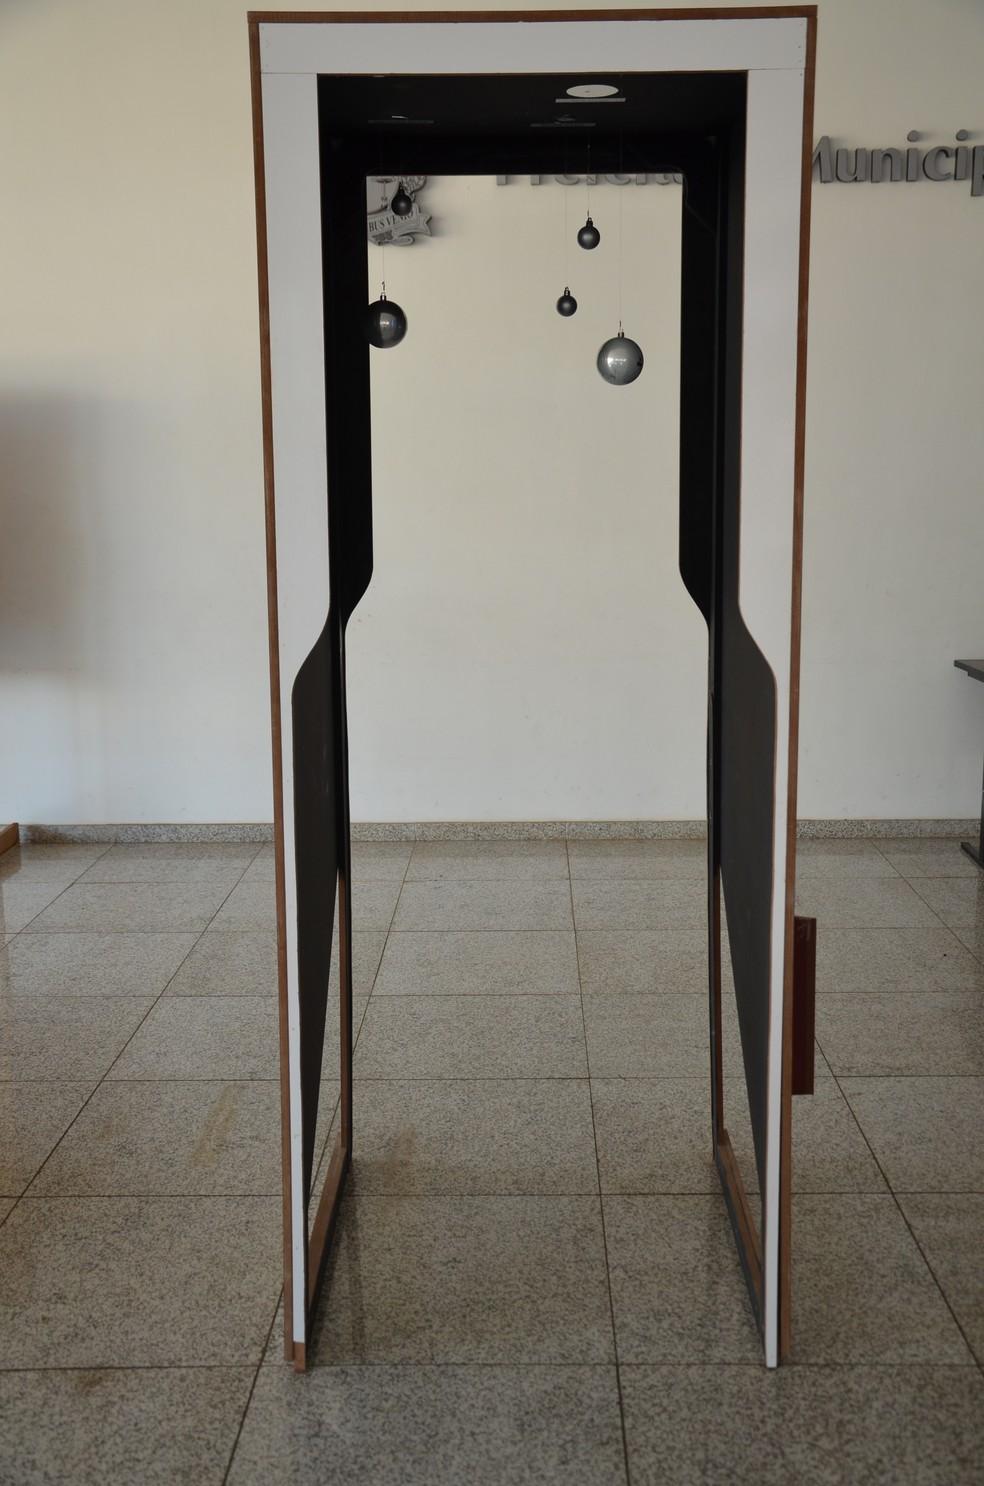 Instalações promovem interação sensorial (Foto: Divulgação/Assessoria de Imprensa da Prefeitura de São Carlos )